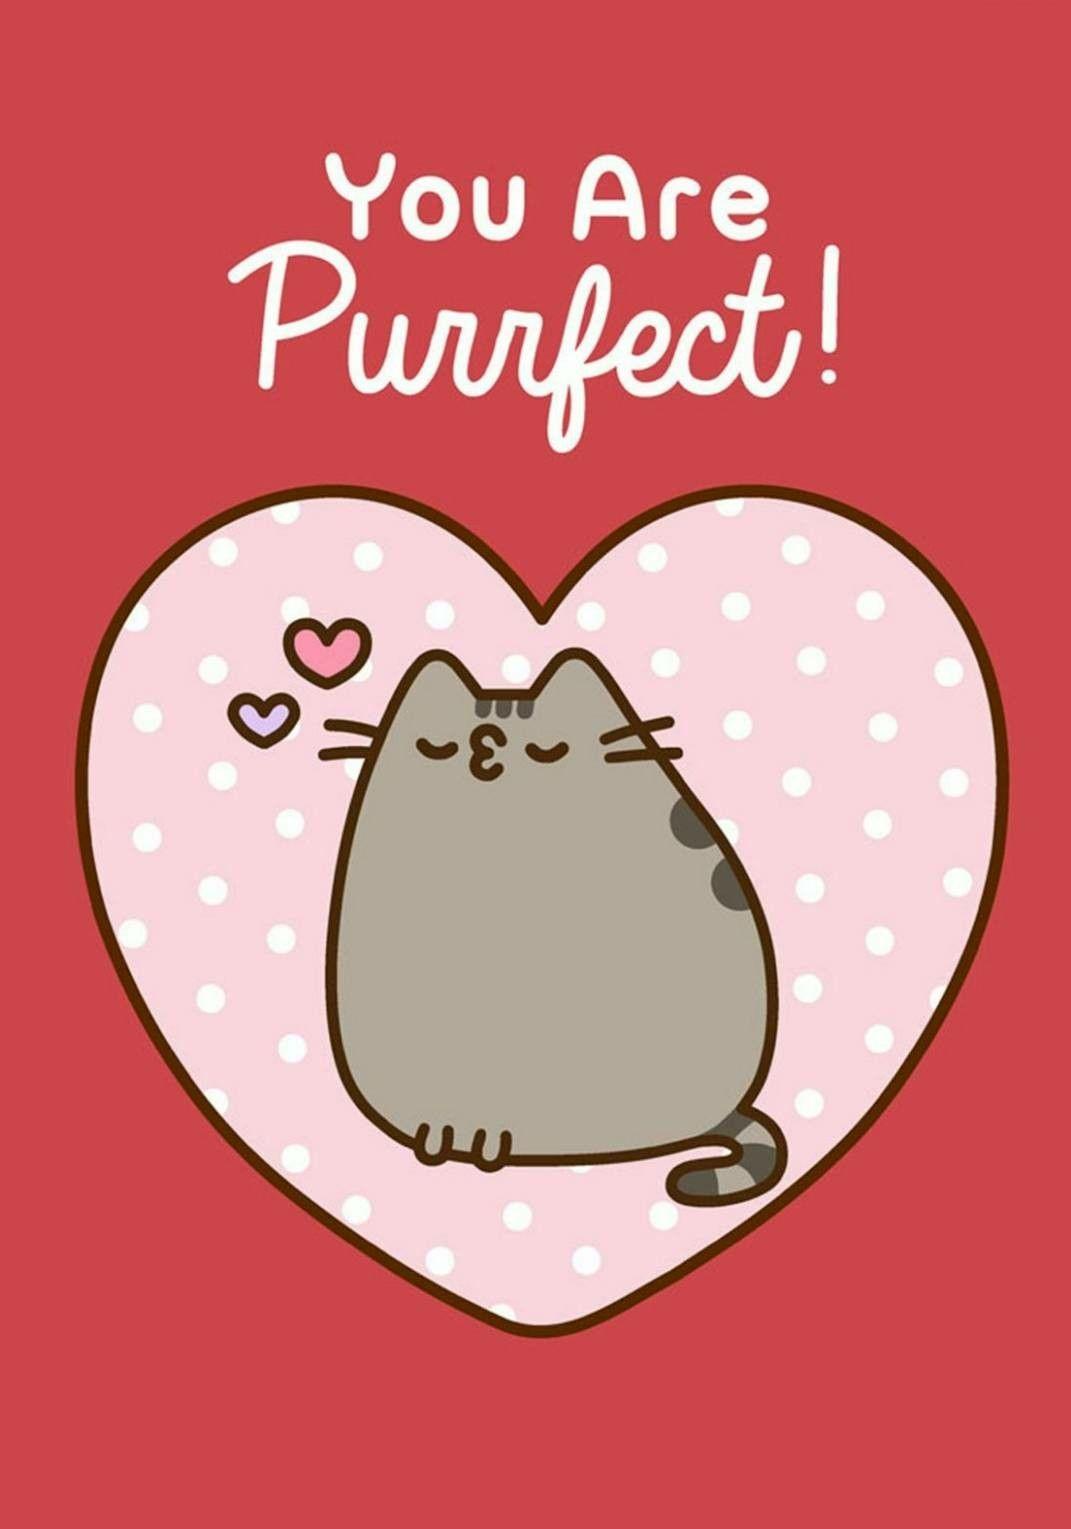 Pusheen Pusheen Cute Pusheen Valentines Pusheen Cat